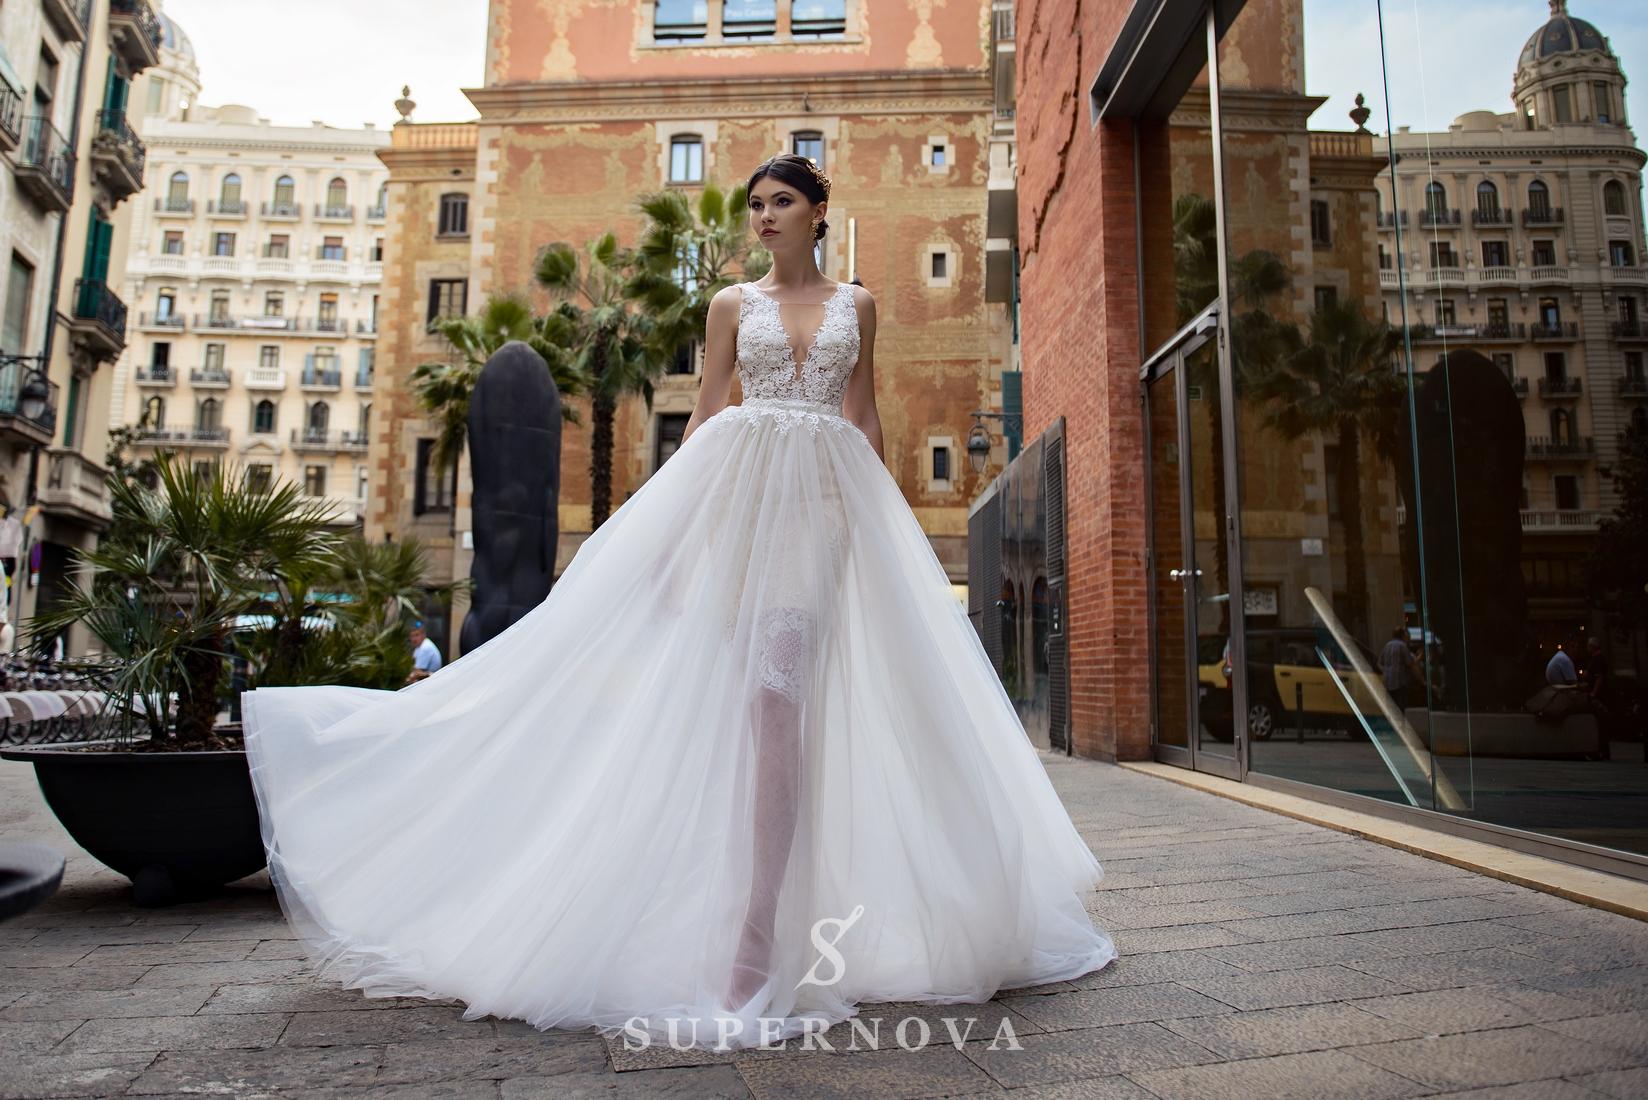 Свадебный комплект из гипюрового платья и съемной юбки-шлейфа от Supernova оптом-1